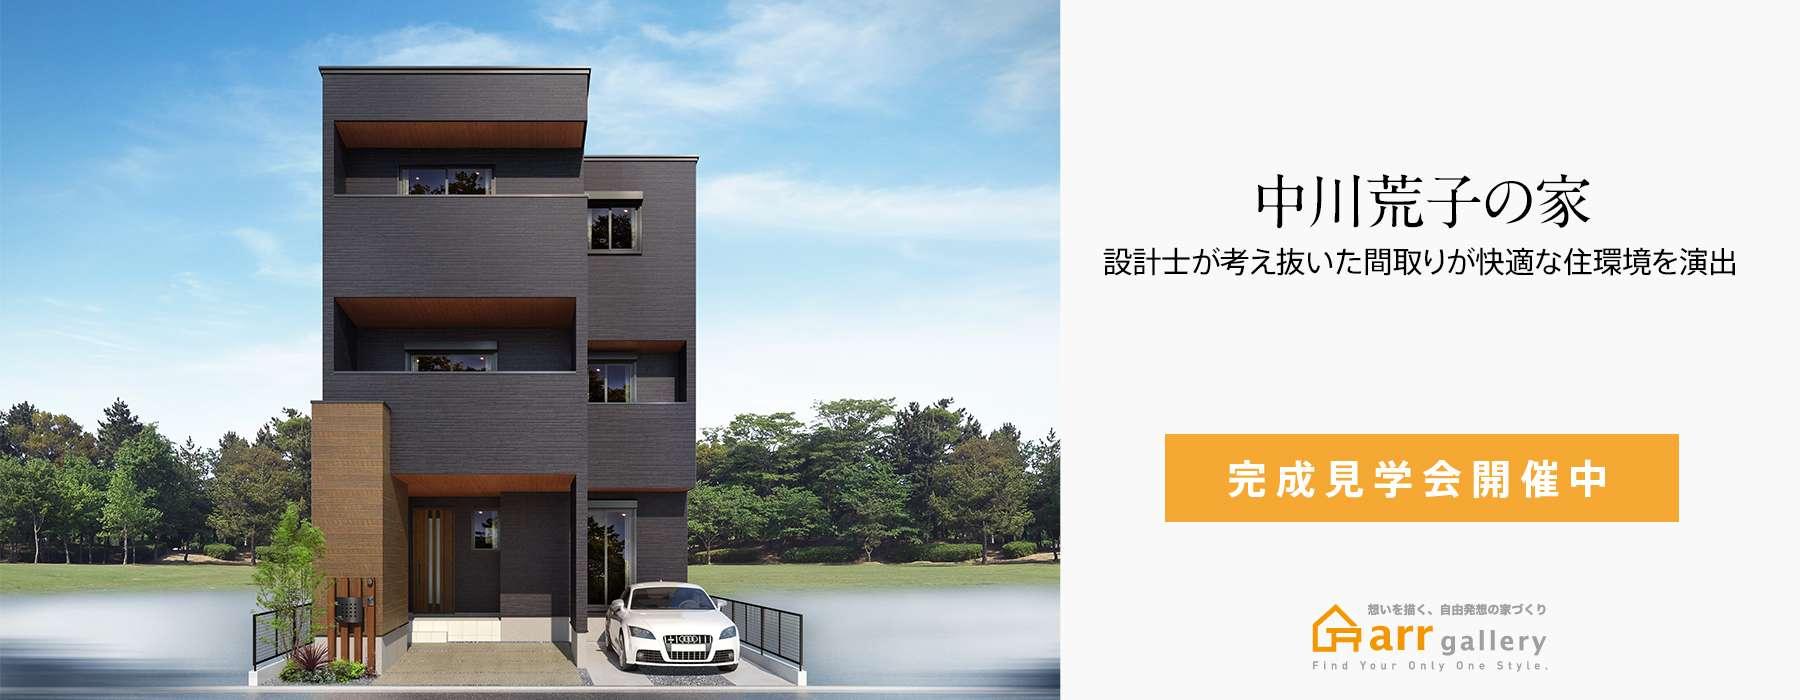 中川荒子の家